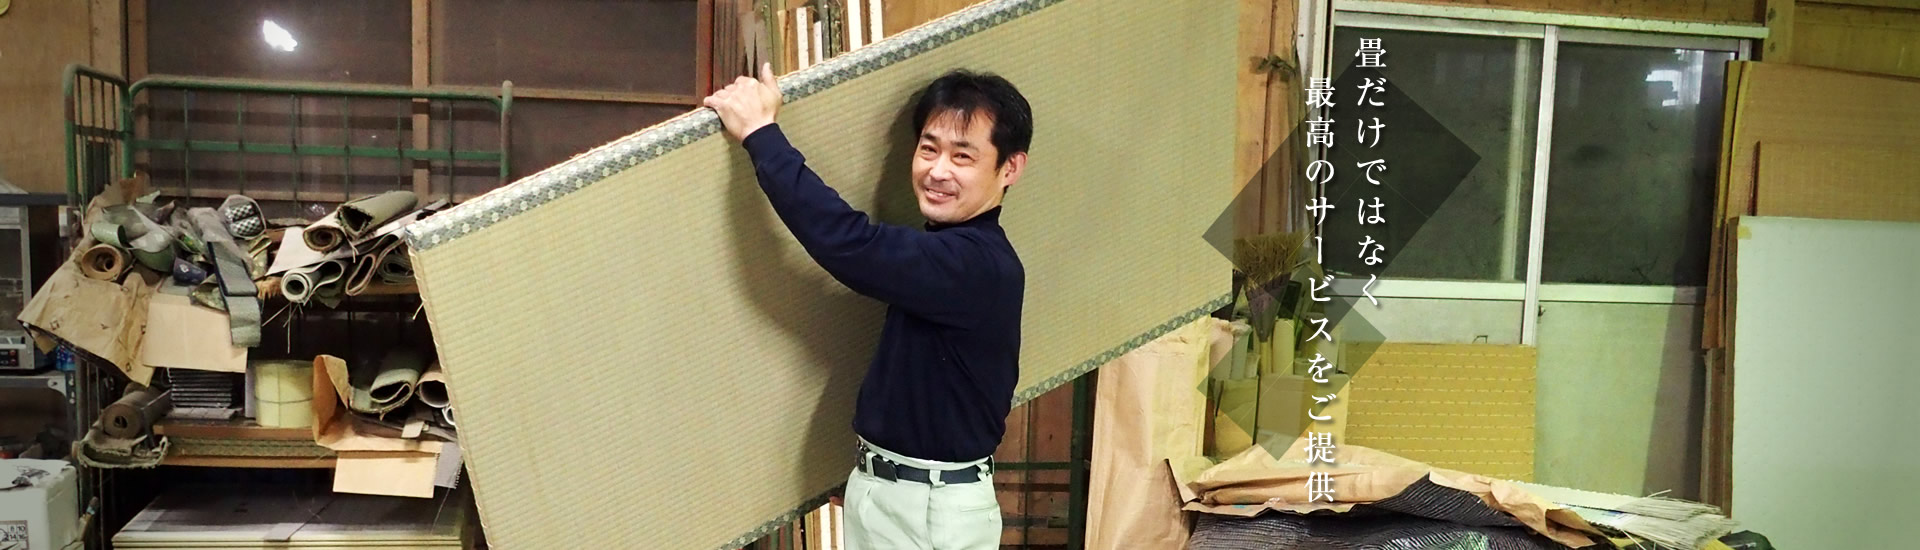 有限会社谷田部畳工事店